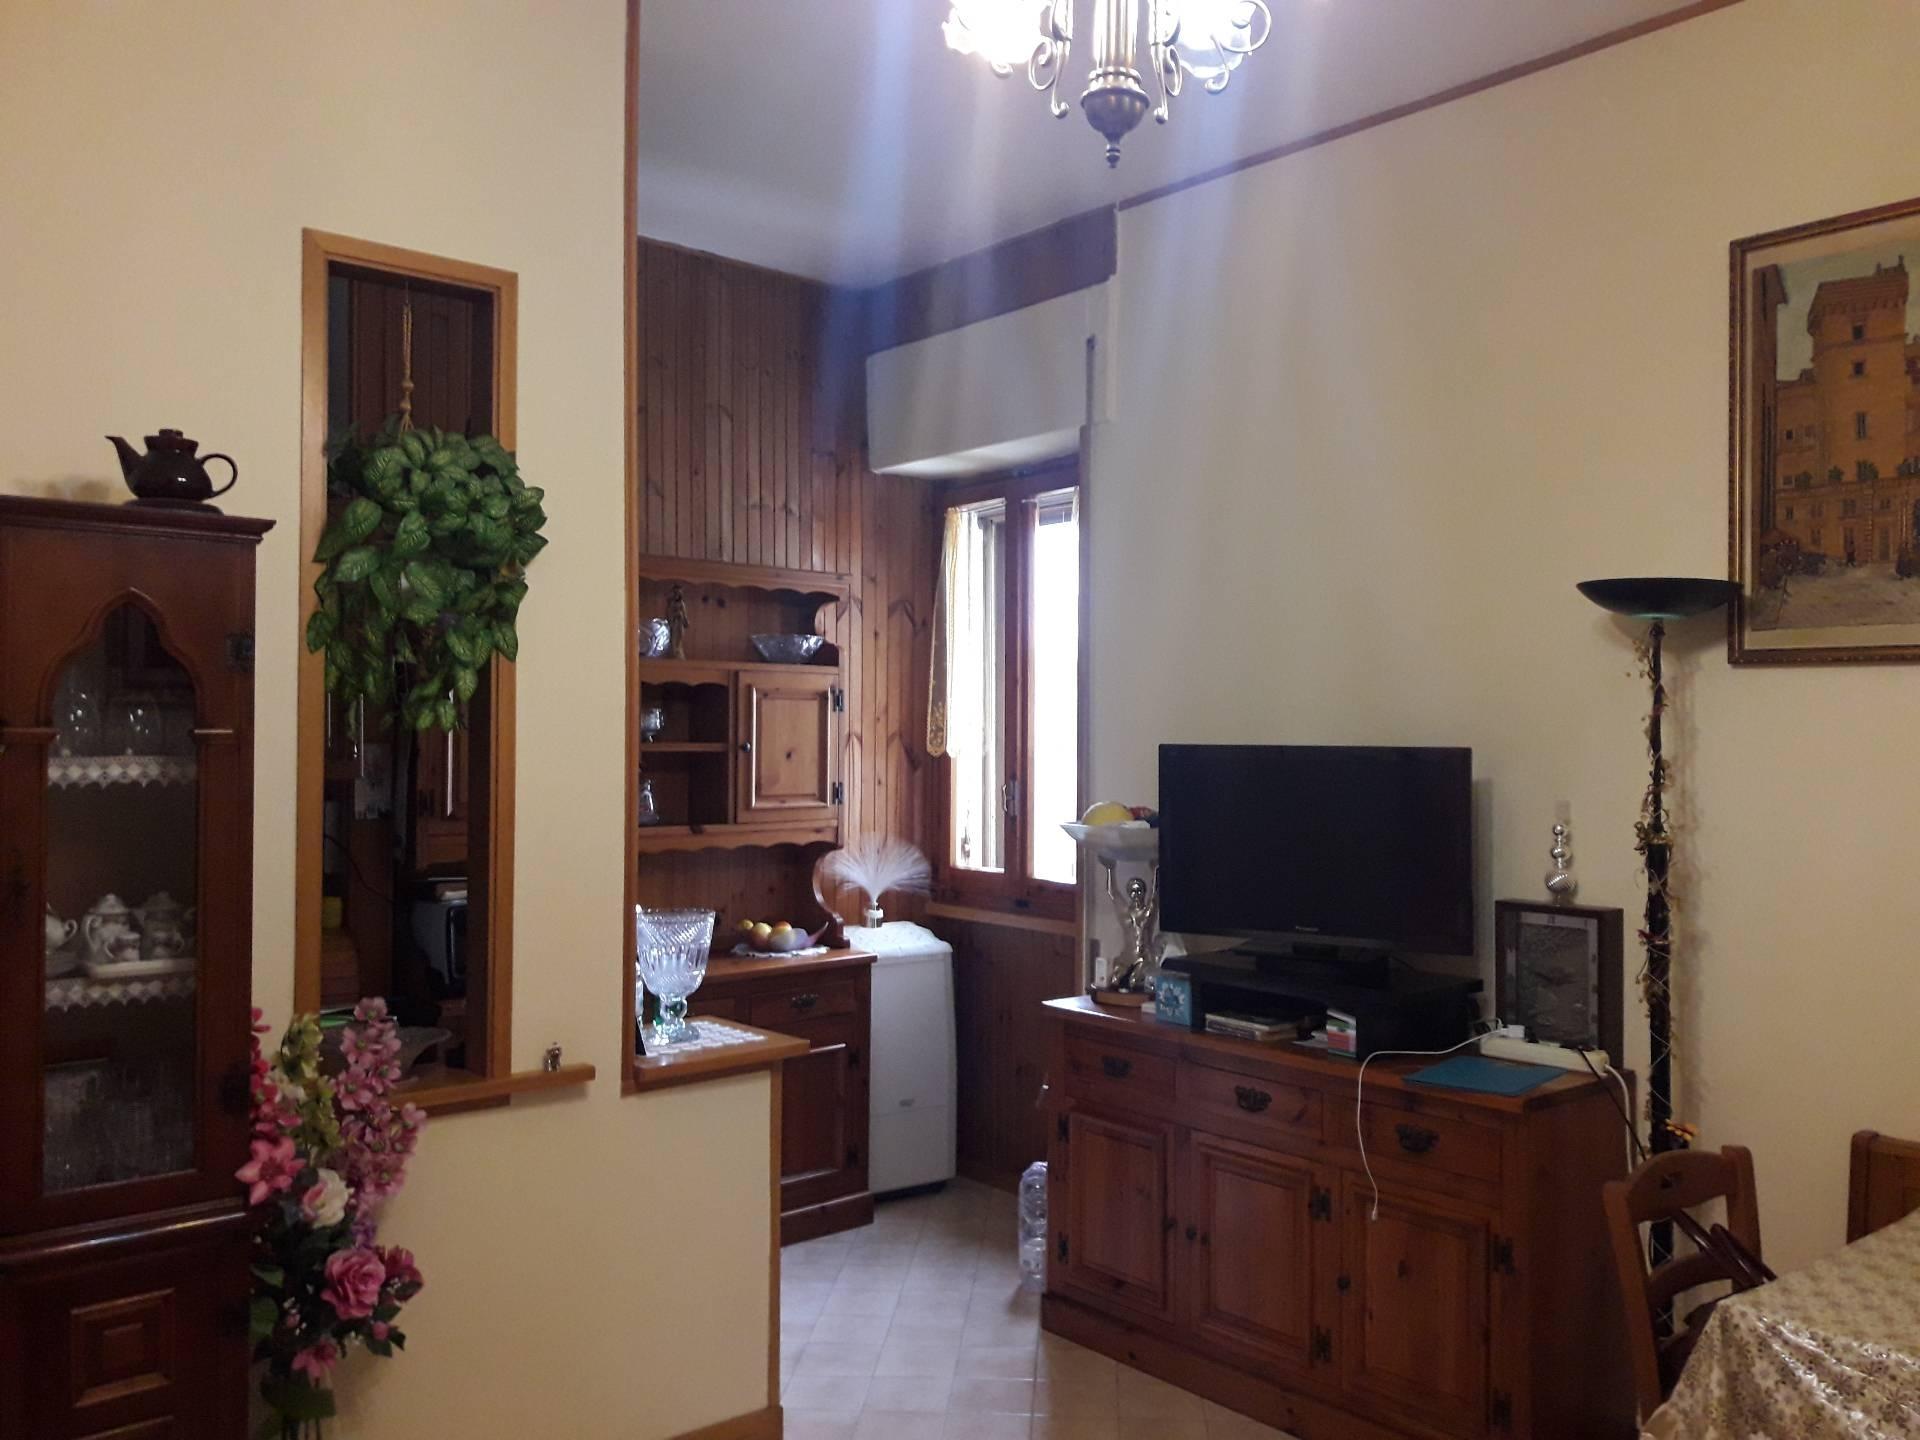 vendita appartamento frosinone   119000 euro  4 locali  90 mq